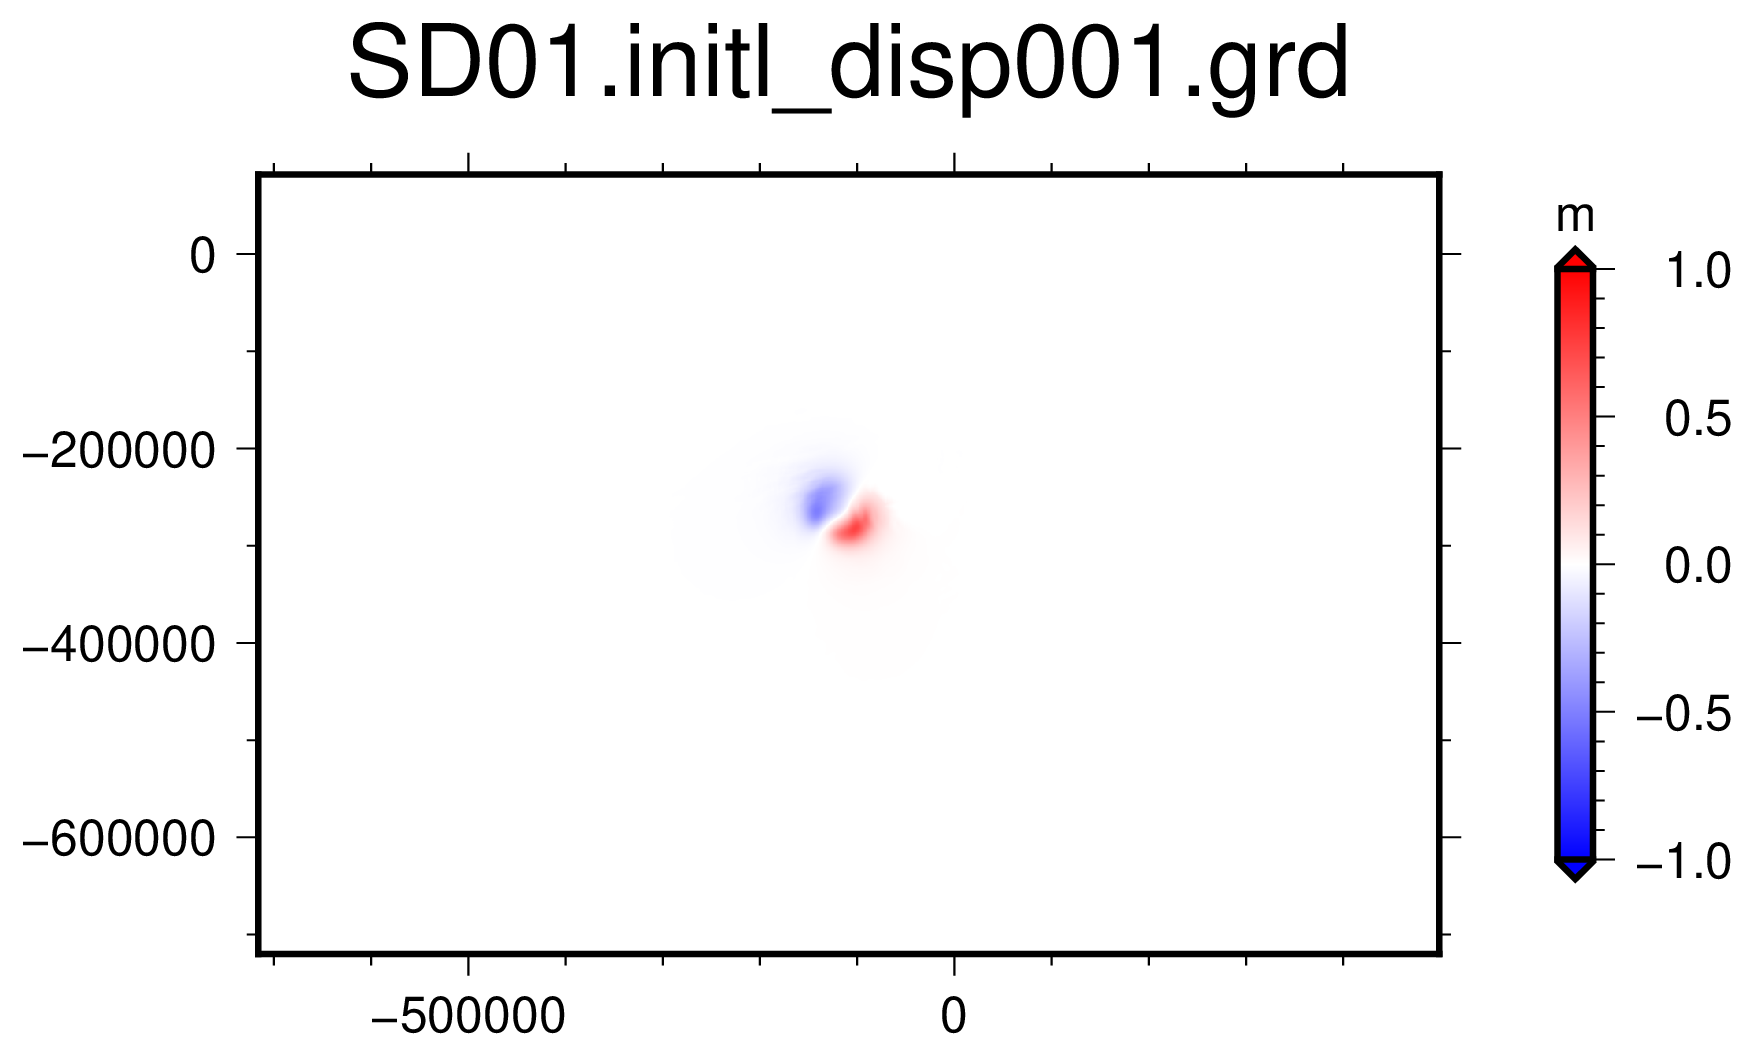 nankai03_SD01.initl_disp001.png